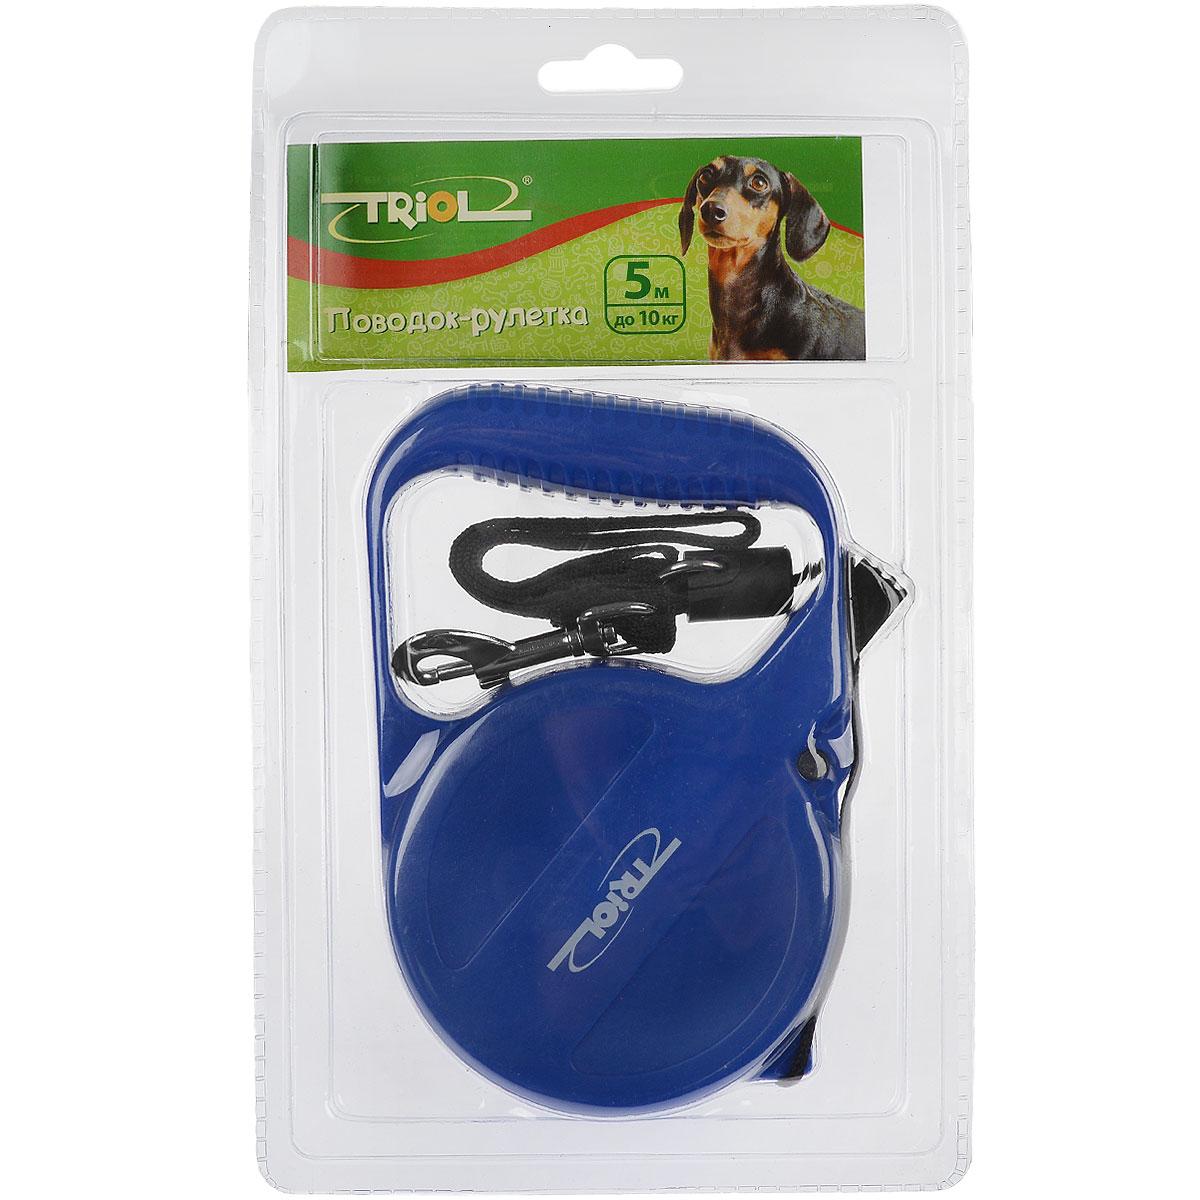 Поводок-рулетка Triol, для собак до 10 кг, цвет: синий, 5 м. Р-03000 поводок рулетка triol colour dog длина 5 м размер s